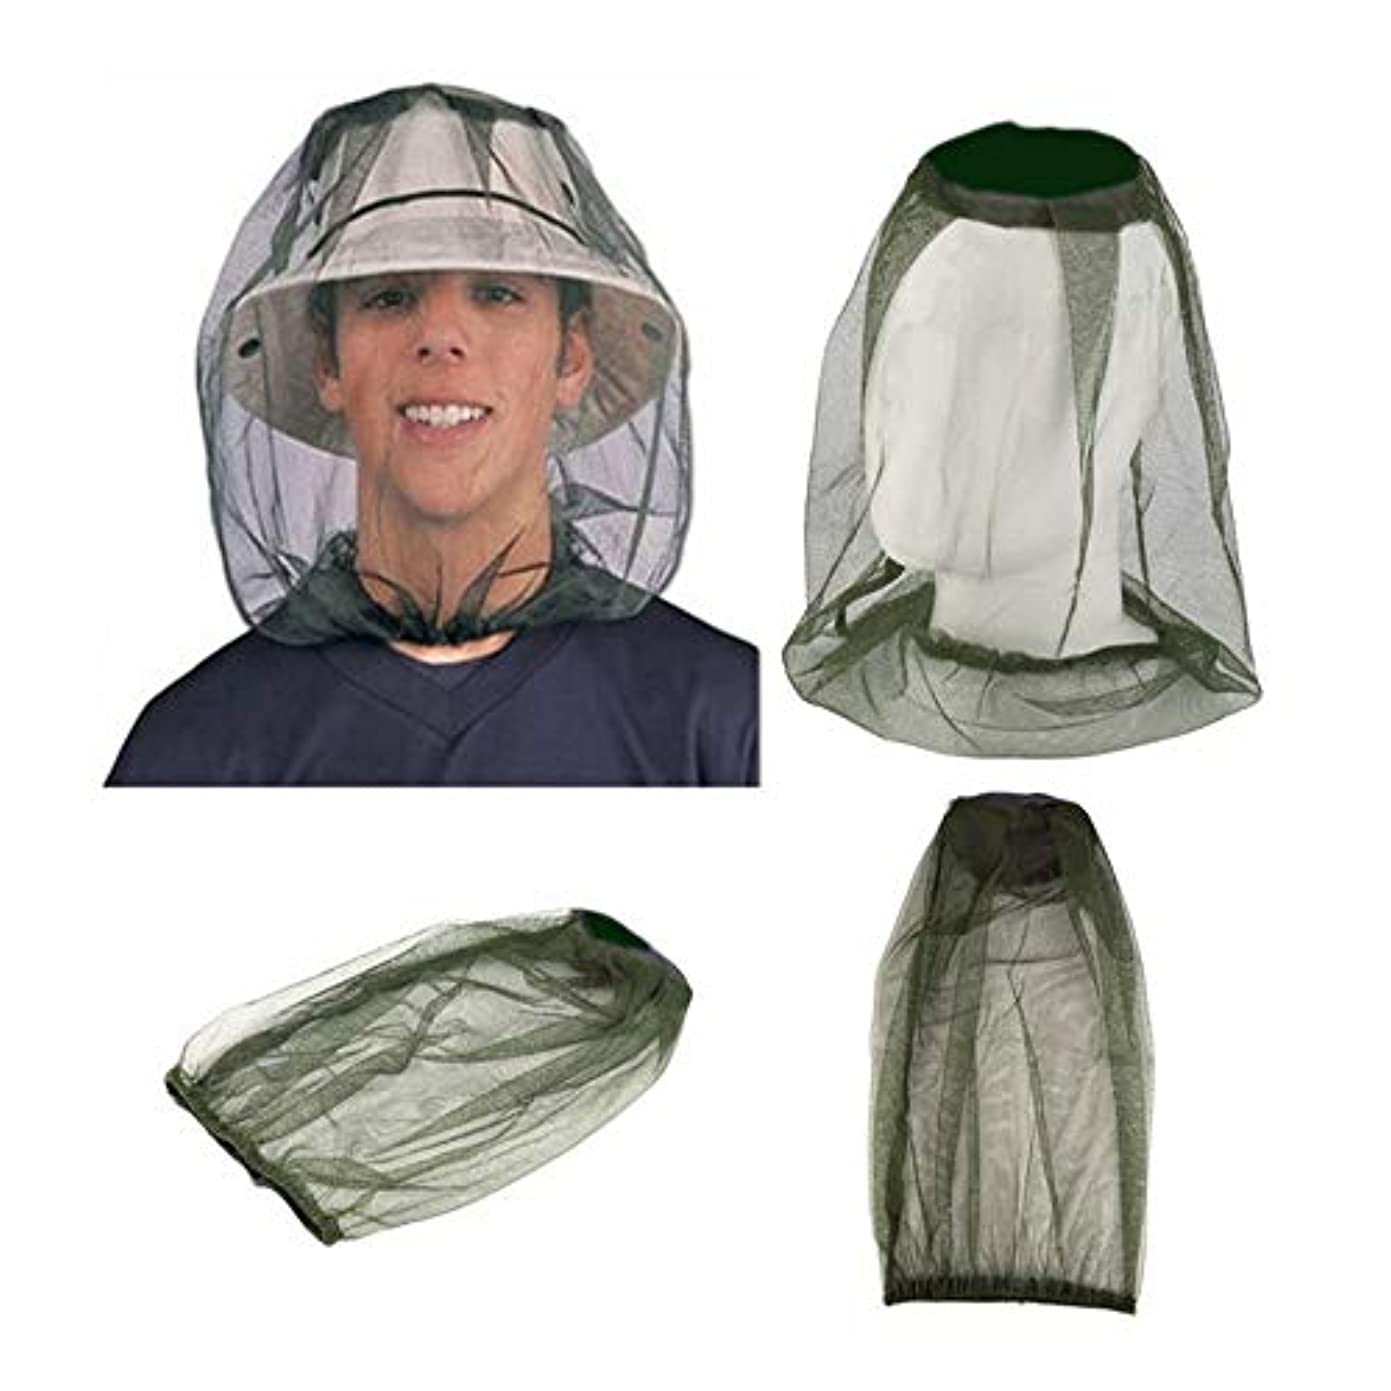 不承認無条件骨の折れるTyou 抗蚊帽子メッシュ保護カバー付き首の保護アンチ蜂フライマスクキャップ屋外釣り具1個